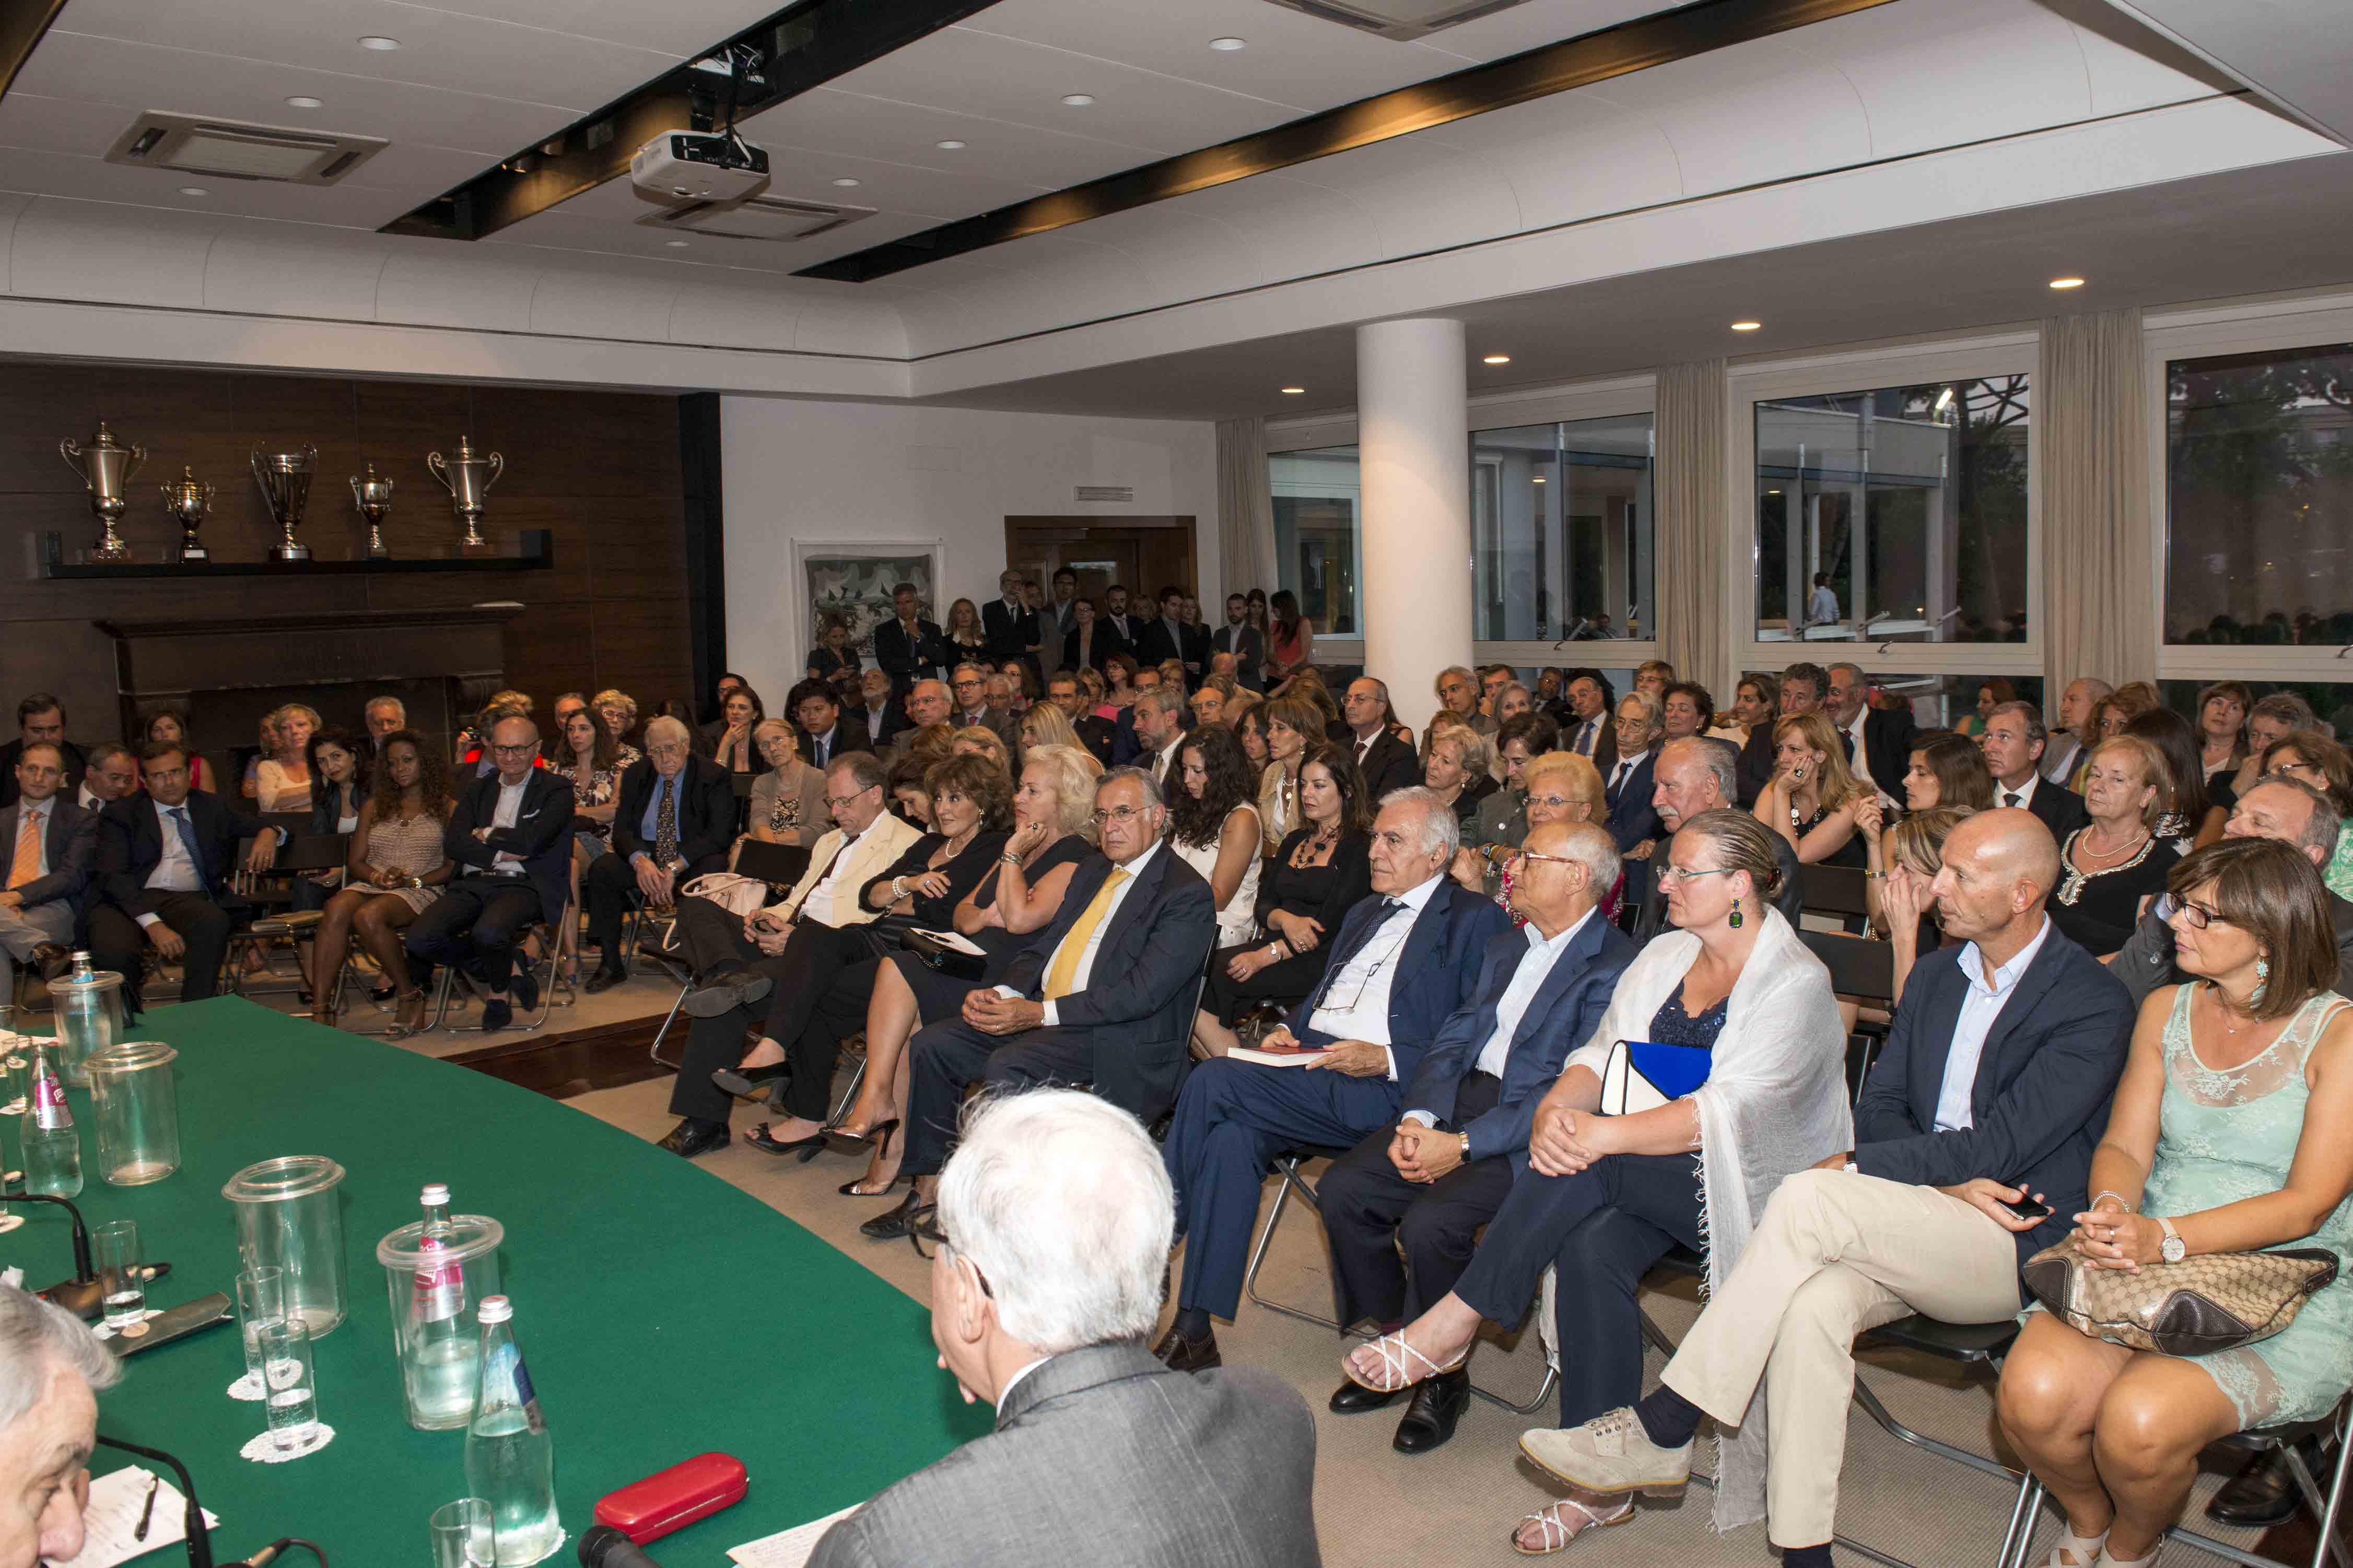 L'avv. Romolo Reboa alla premiazione dei concorrenti finalisti del Premio R.I.P.D.I.C.O.